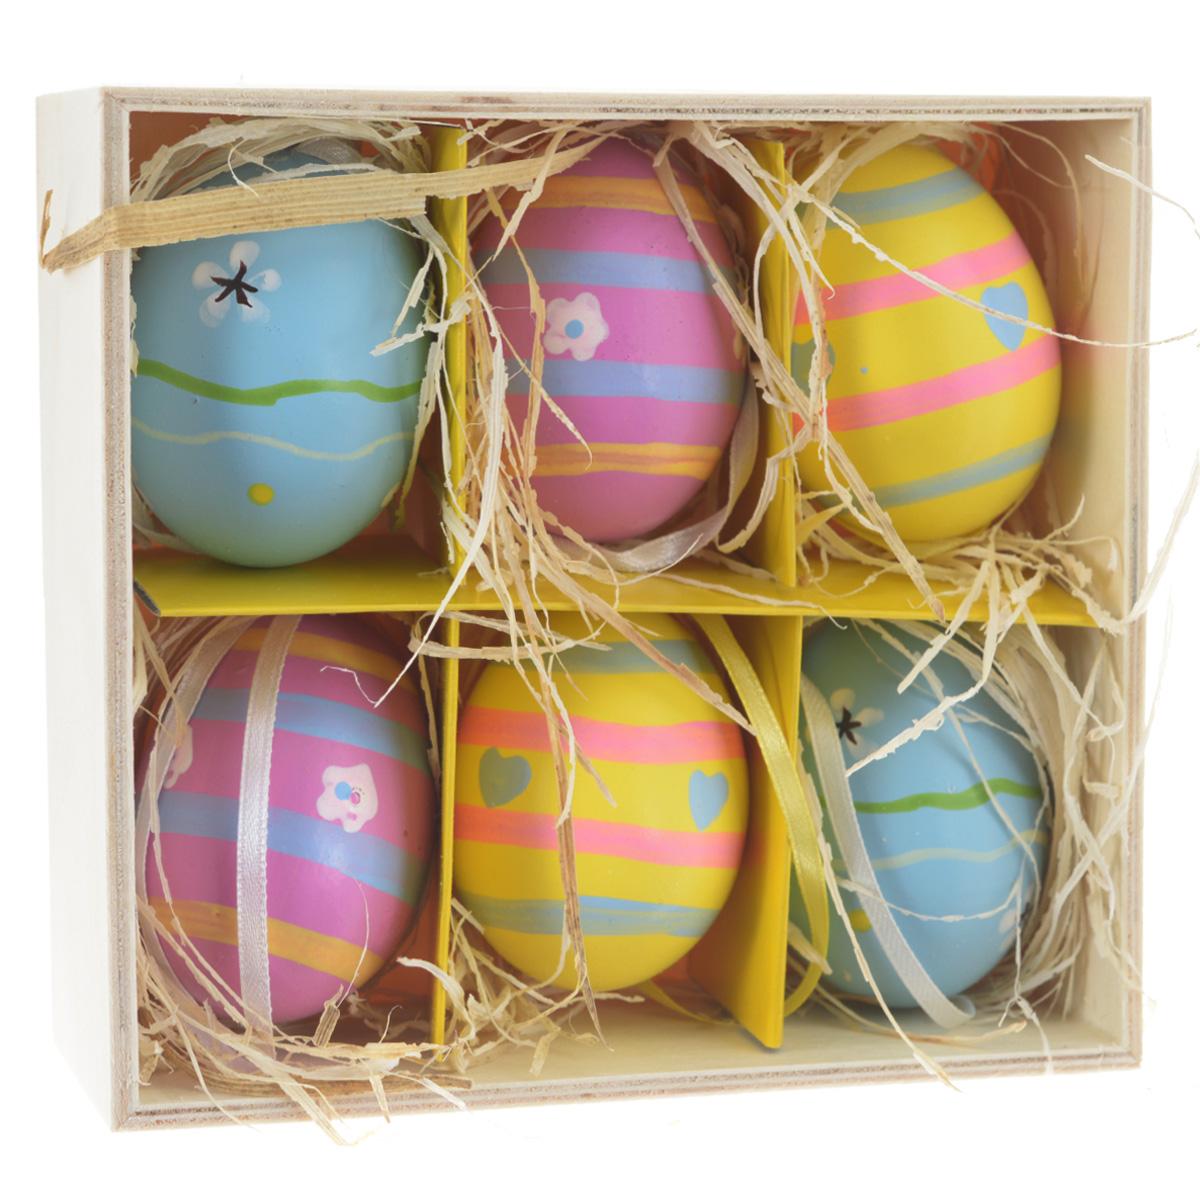 """Декоративные подвесные пасхальные яйца """"Феникс-презент"""" отлично подойдут  для декорации вашего дома к Пасхе. Изделия выполнены из натуральной скорлупы  куриного яйца и декорированы изображением цветов, сердец и принтом """"в полоску"""". Украшения оснащены  специальными текстильными петельками для подвешивания. В комплекте - 6  пасхальных яиц, которые располагаются в деревянном ящике с подложкой из  лыко.  Яйцо - это главный символ Пасхи, который означает для христиан новую жизнь и  возрождение. Создайте в своем доме атмосферу праздника, украшая его  декоративными пасхальными яйцами.  Материал: скорлупа куриного яйца, текстиль, лыко. Размер яйца: 4 см х 4 см х 5,5 см."""